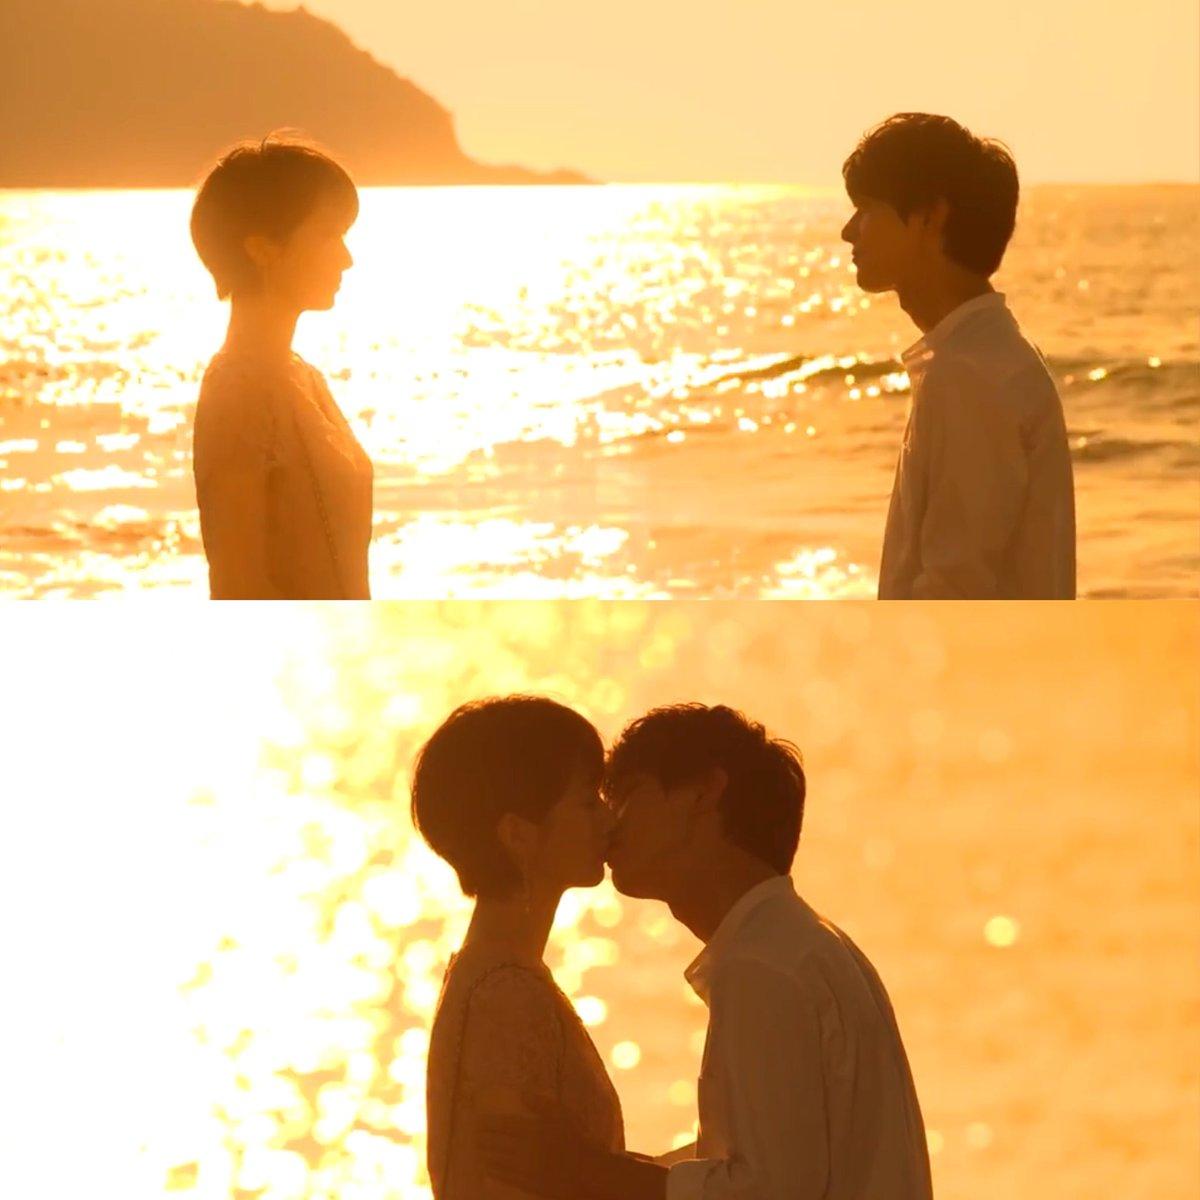 """ななざわ(おやすみ) na Twitteri: """"前にも言ったけど私の2大推し(吉沢亮大野智)に(しかも砂浜で)キスされる波瑠さんなんなんですか1日だけ私と入れ替わってみませんか あ〜〜気づいたらわたし砂浜にいたりしないかな〜〜〜〜目の前に推しいたりしないかな〜〜〜あ… """""""